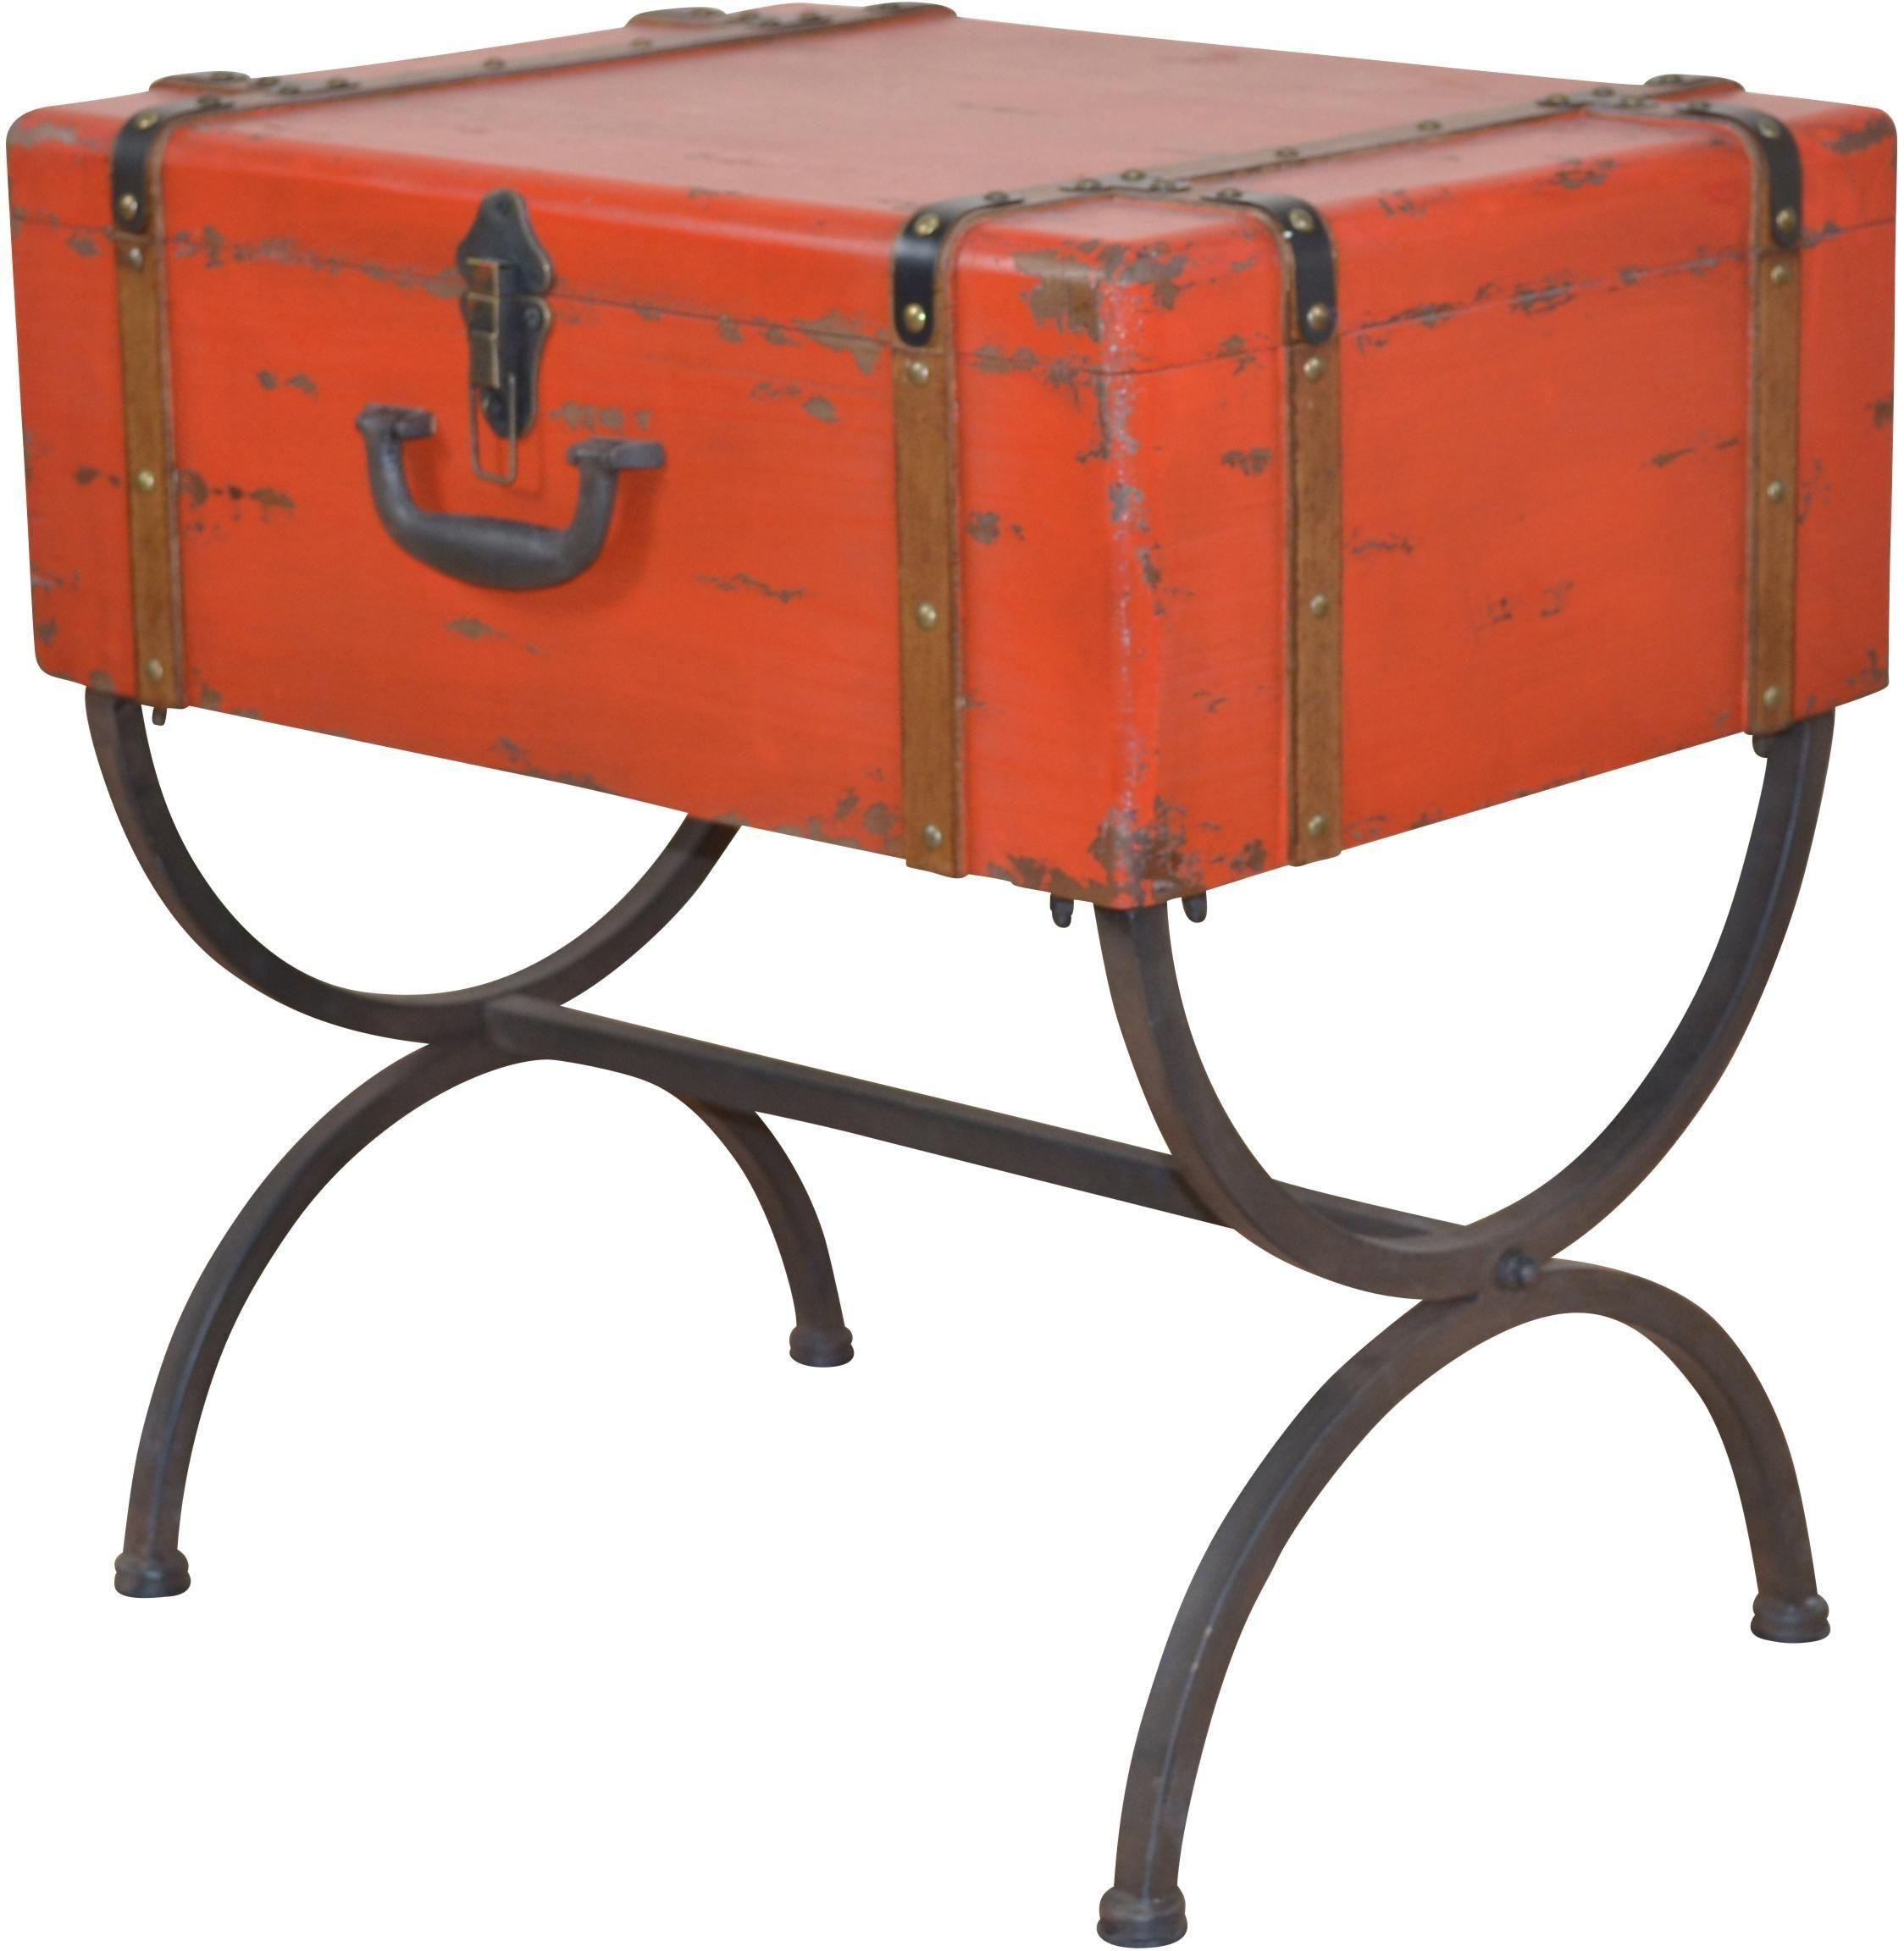 Home Affaire Beistelltisch Koffer Moebel Suchmaschine Ladendirekt De Beistelltisch Beistelltische Beistelltisch Holz